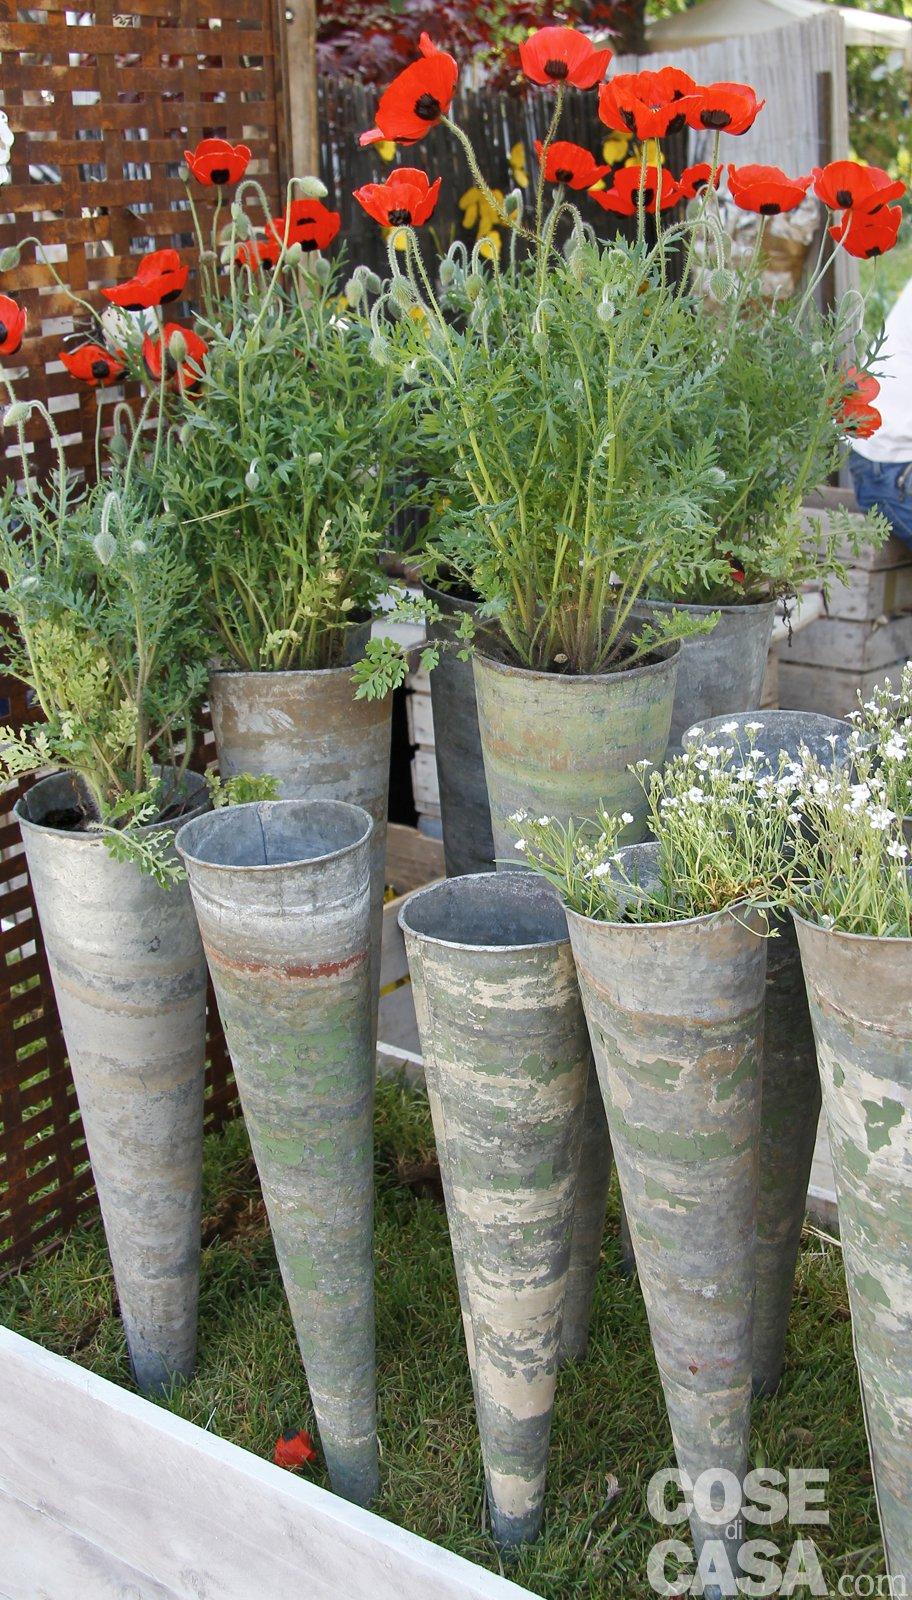 Arredamento terrazzo piante : arredo terrazzo con piante ...